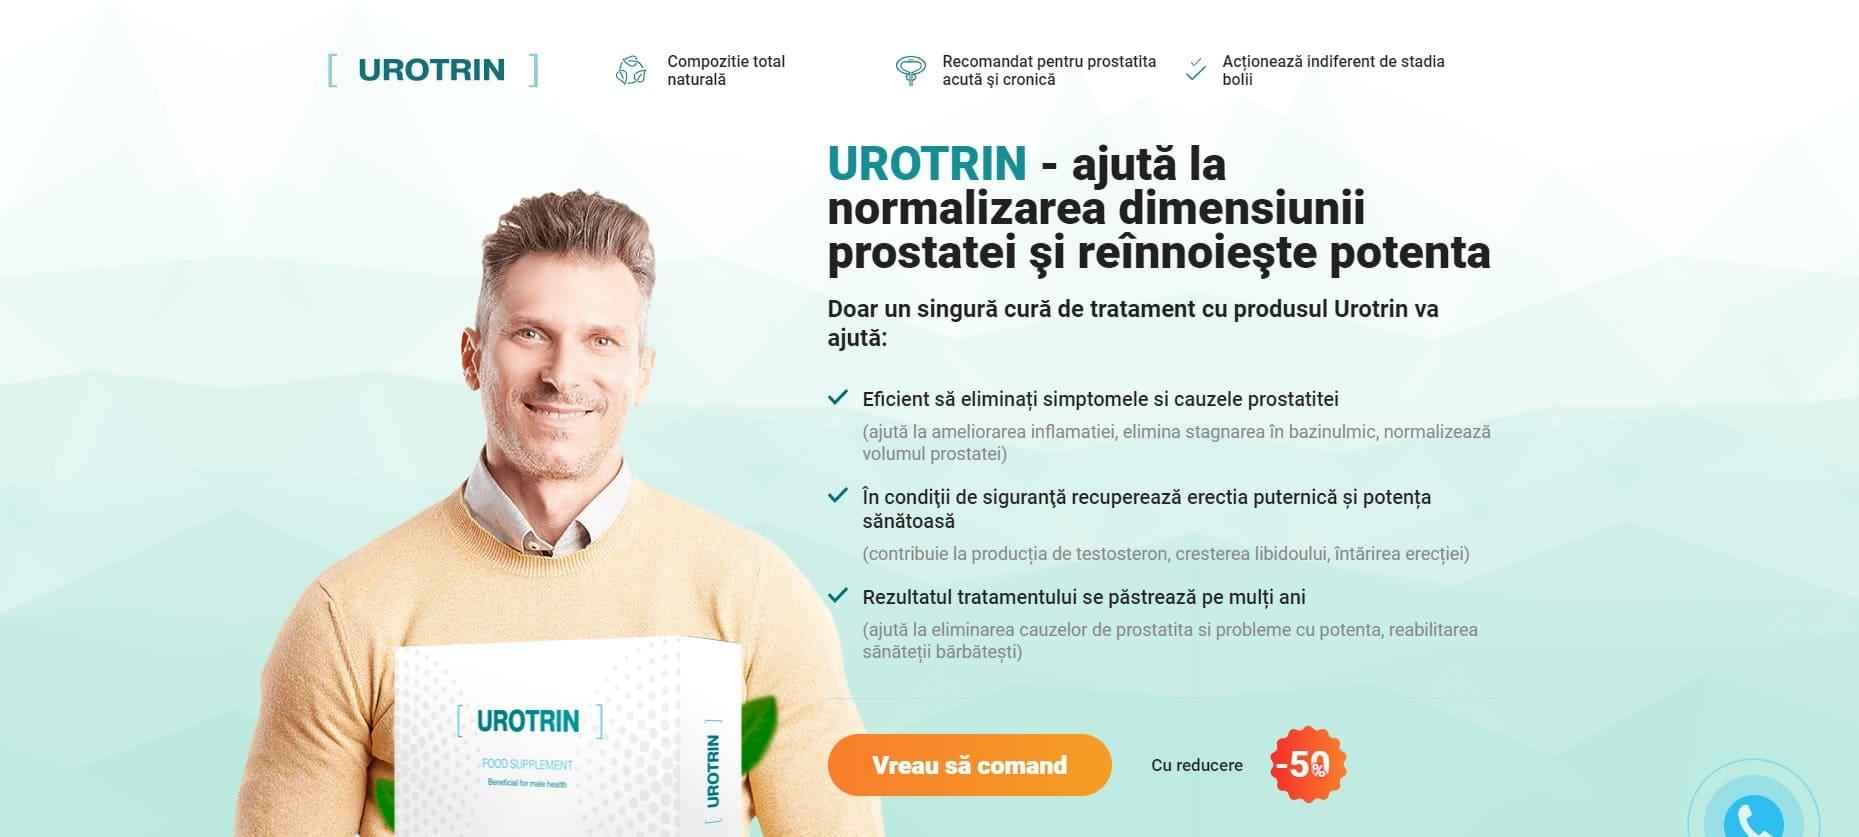 urotrin farmacia catena